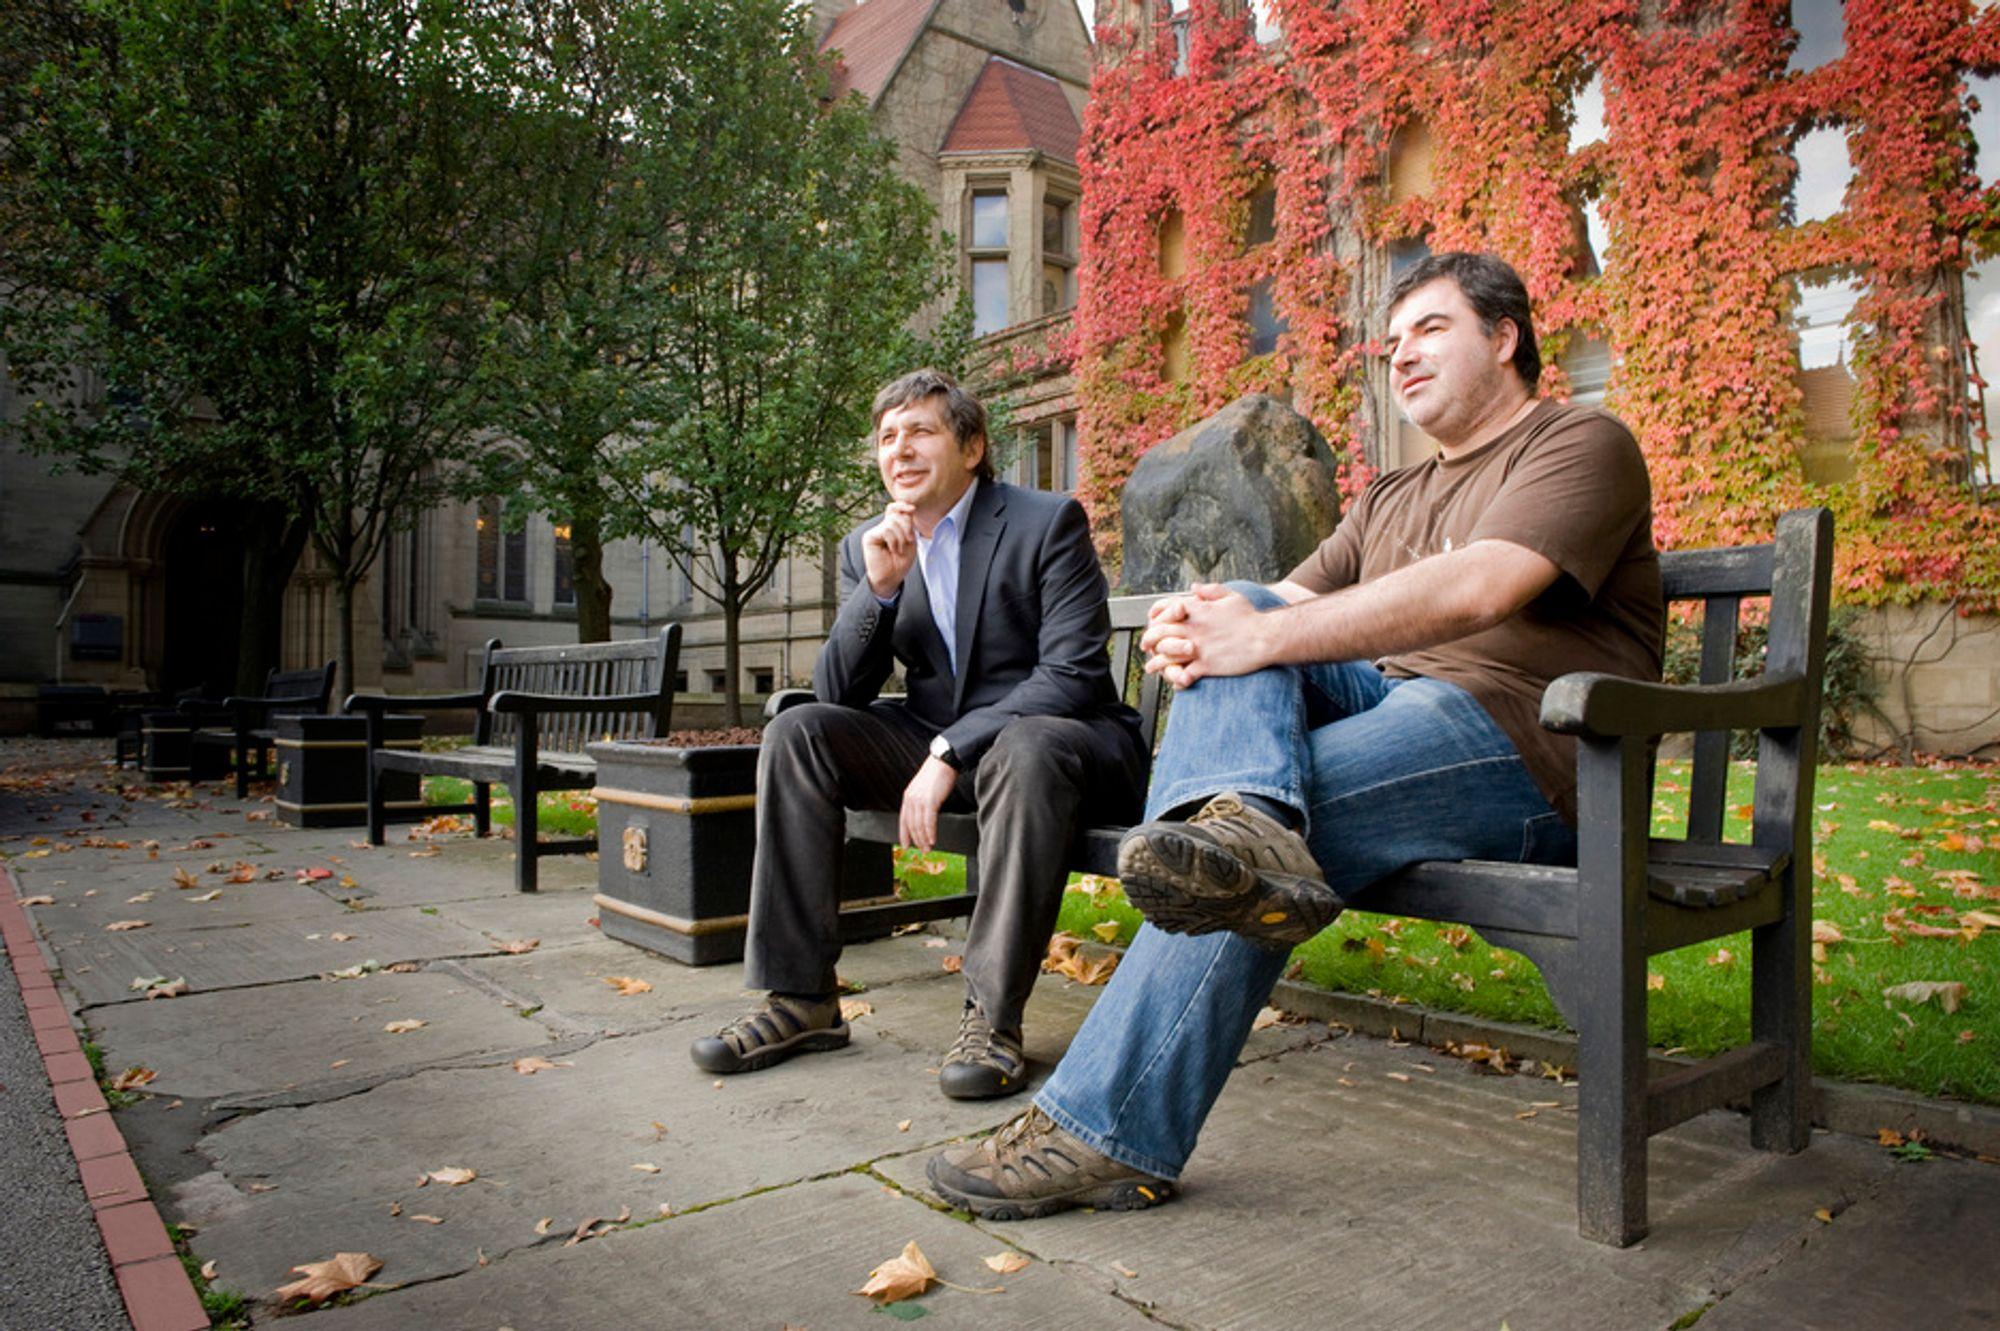 PRISVINNERE: Professor Konstantin Novoselov (t.h.) og professor Andre Geim avbildet utenfor den daglige arbeidsplassen ved universitetet i Manchester.